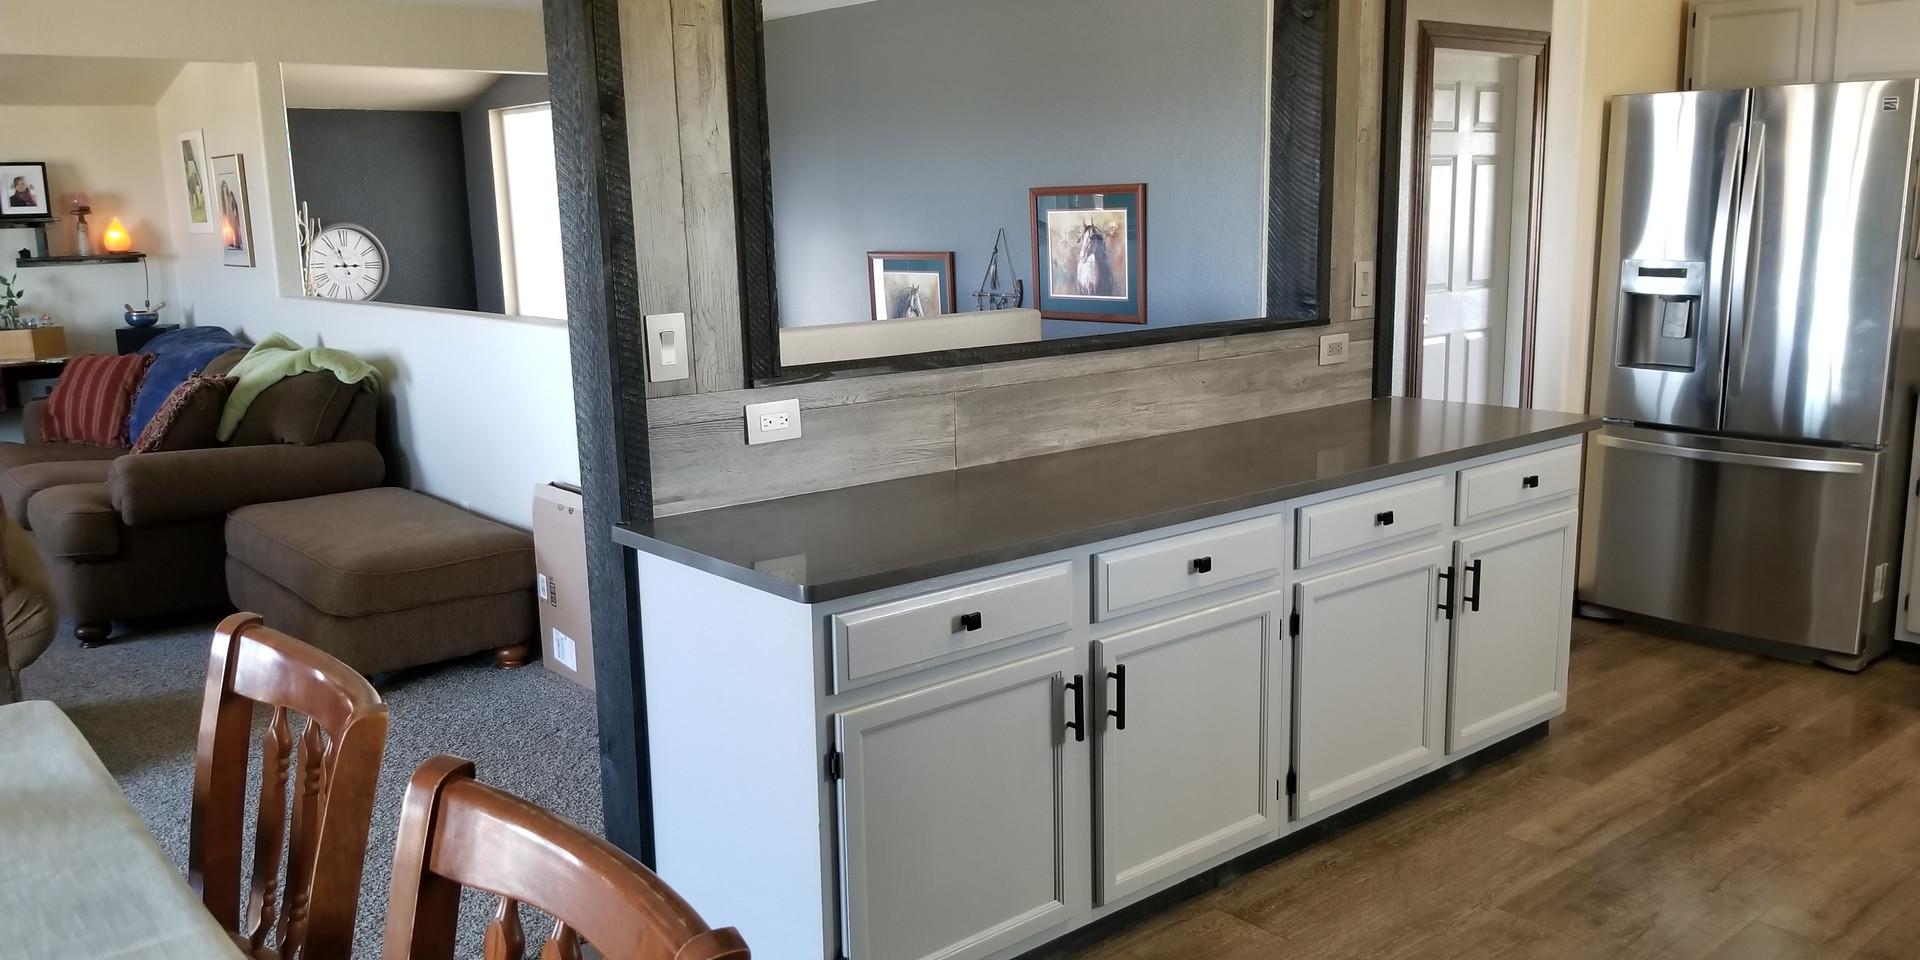 One Quartz Concrete Gray from Daltile